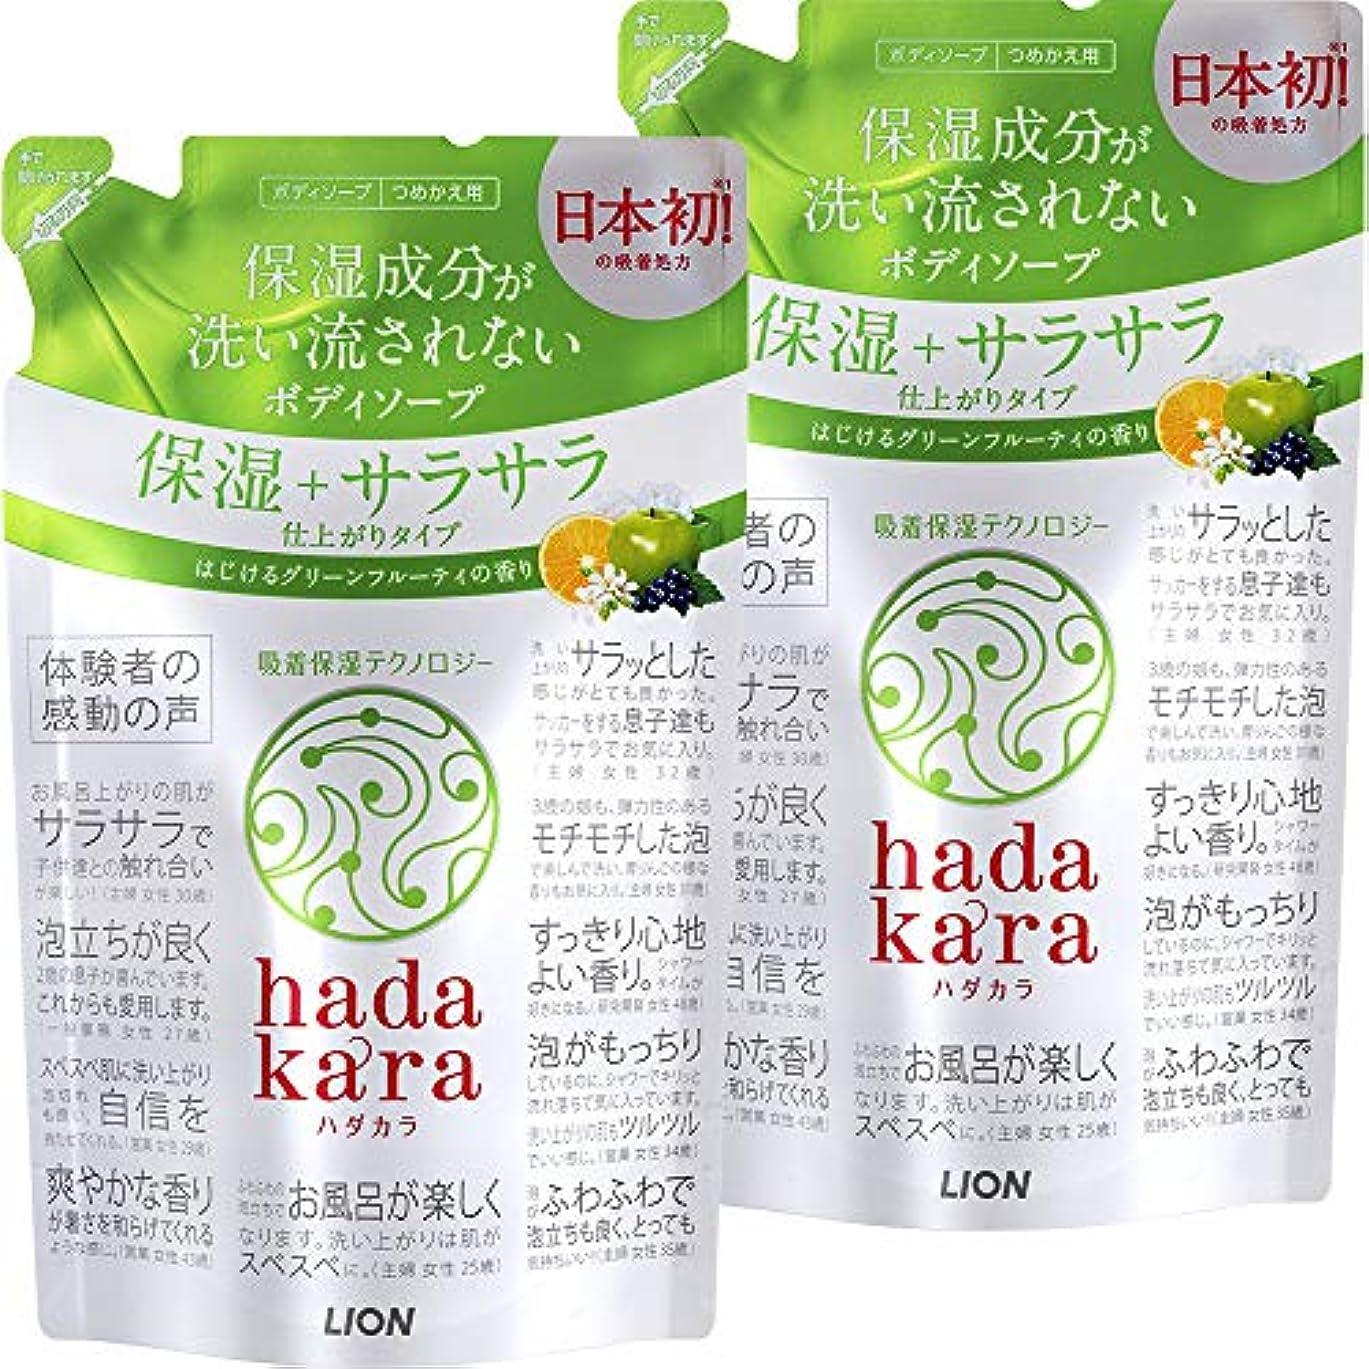 プレーヤー販売計画怖がらせる【まとめ買い】hadakara(ハダカラ) ボディソープ 保湿+サラサラ仕上がりタイプ グリーンフルーティの香り 詰め替え 340ml×2個パック